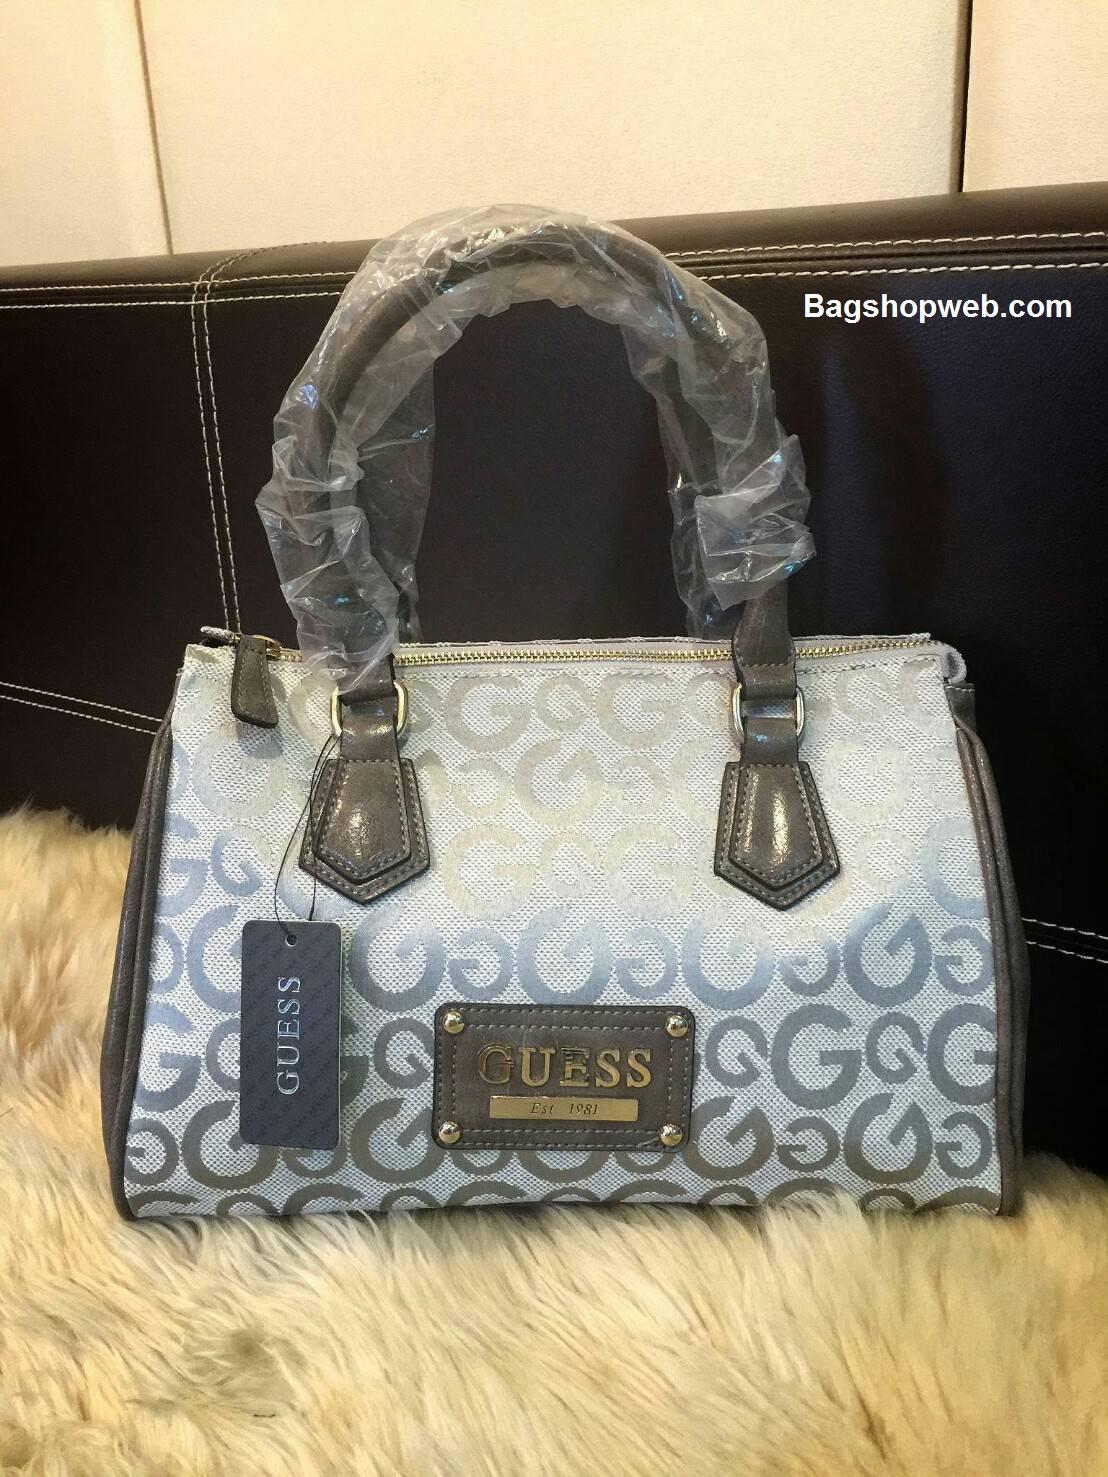 กระเป๋าถือทรงสุดฮิต จากแบรนด์ GUESS BOWLING BAG 2017 ราคา 1,590 บาท Free Ems